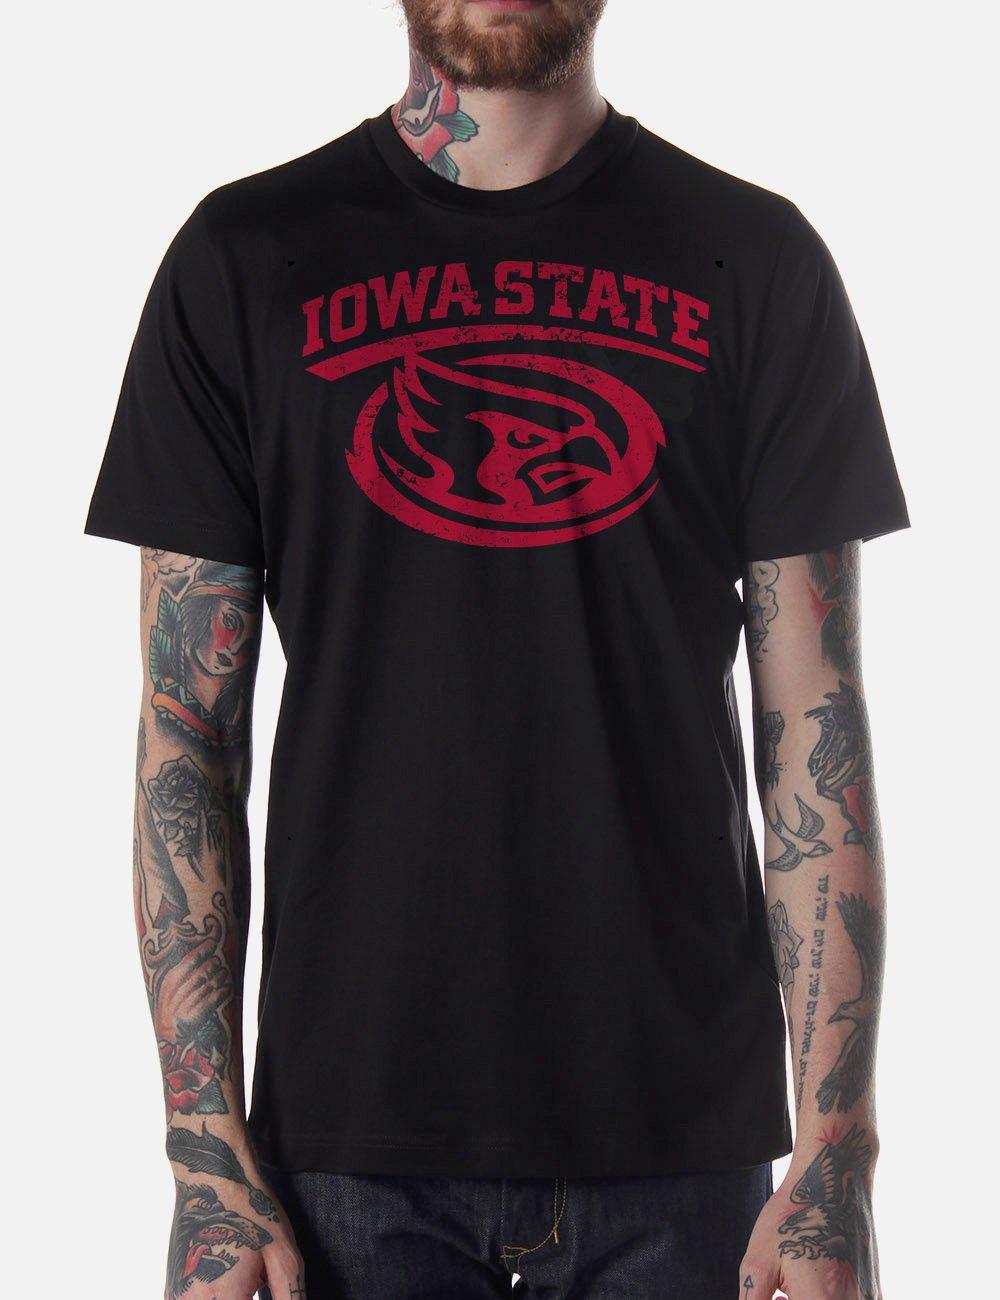 Black Men Tshirt Iowa State University Crewneck Black Tshirt For Men